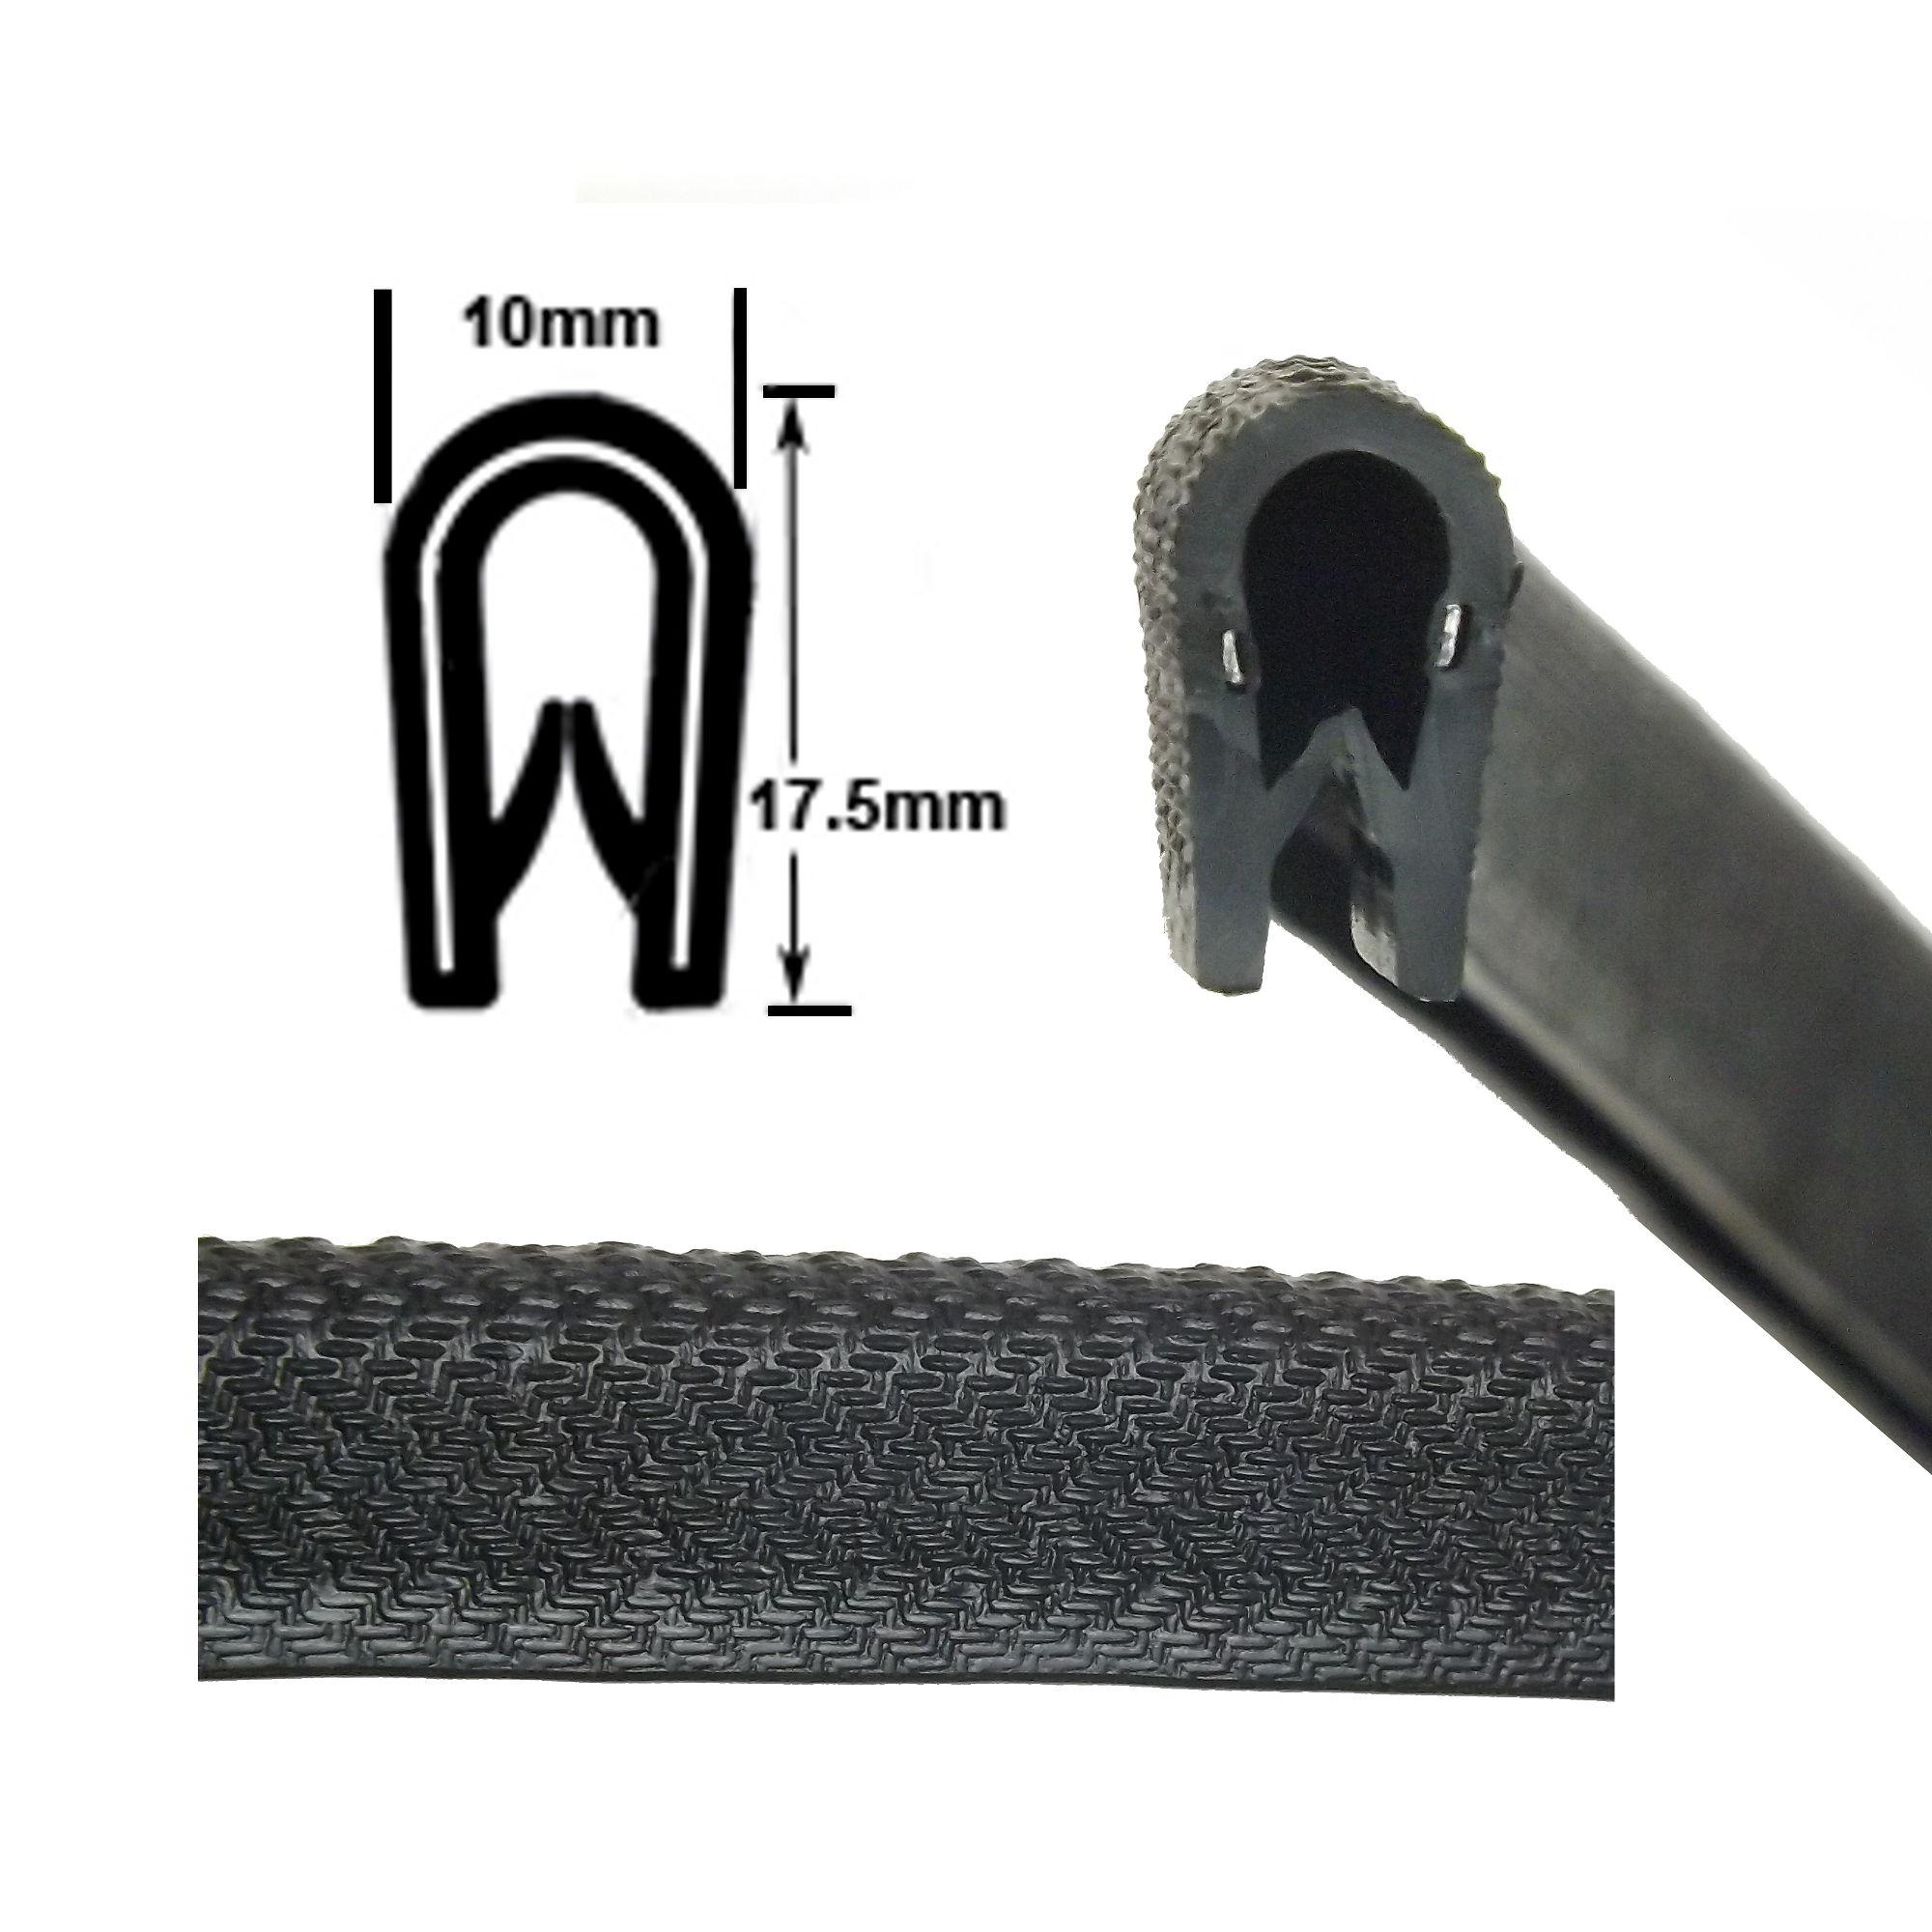 Medium protective edge trim